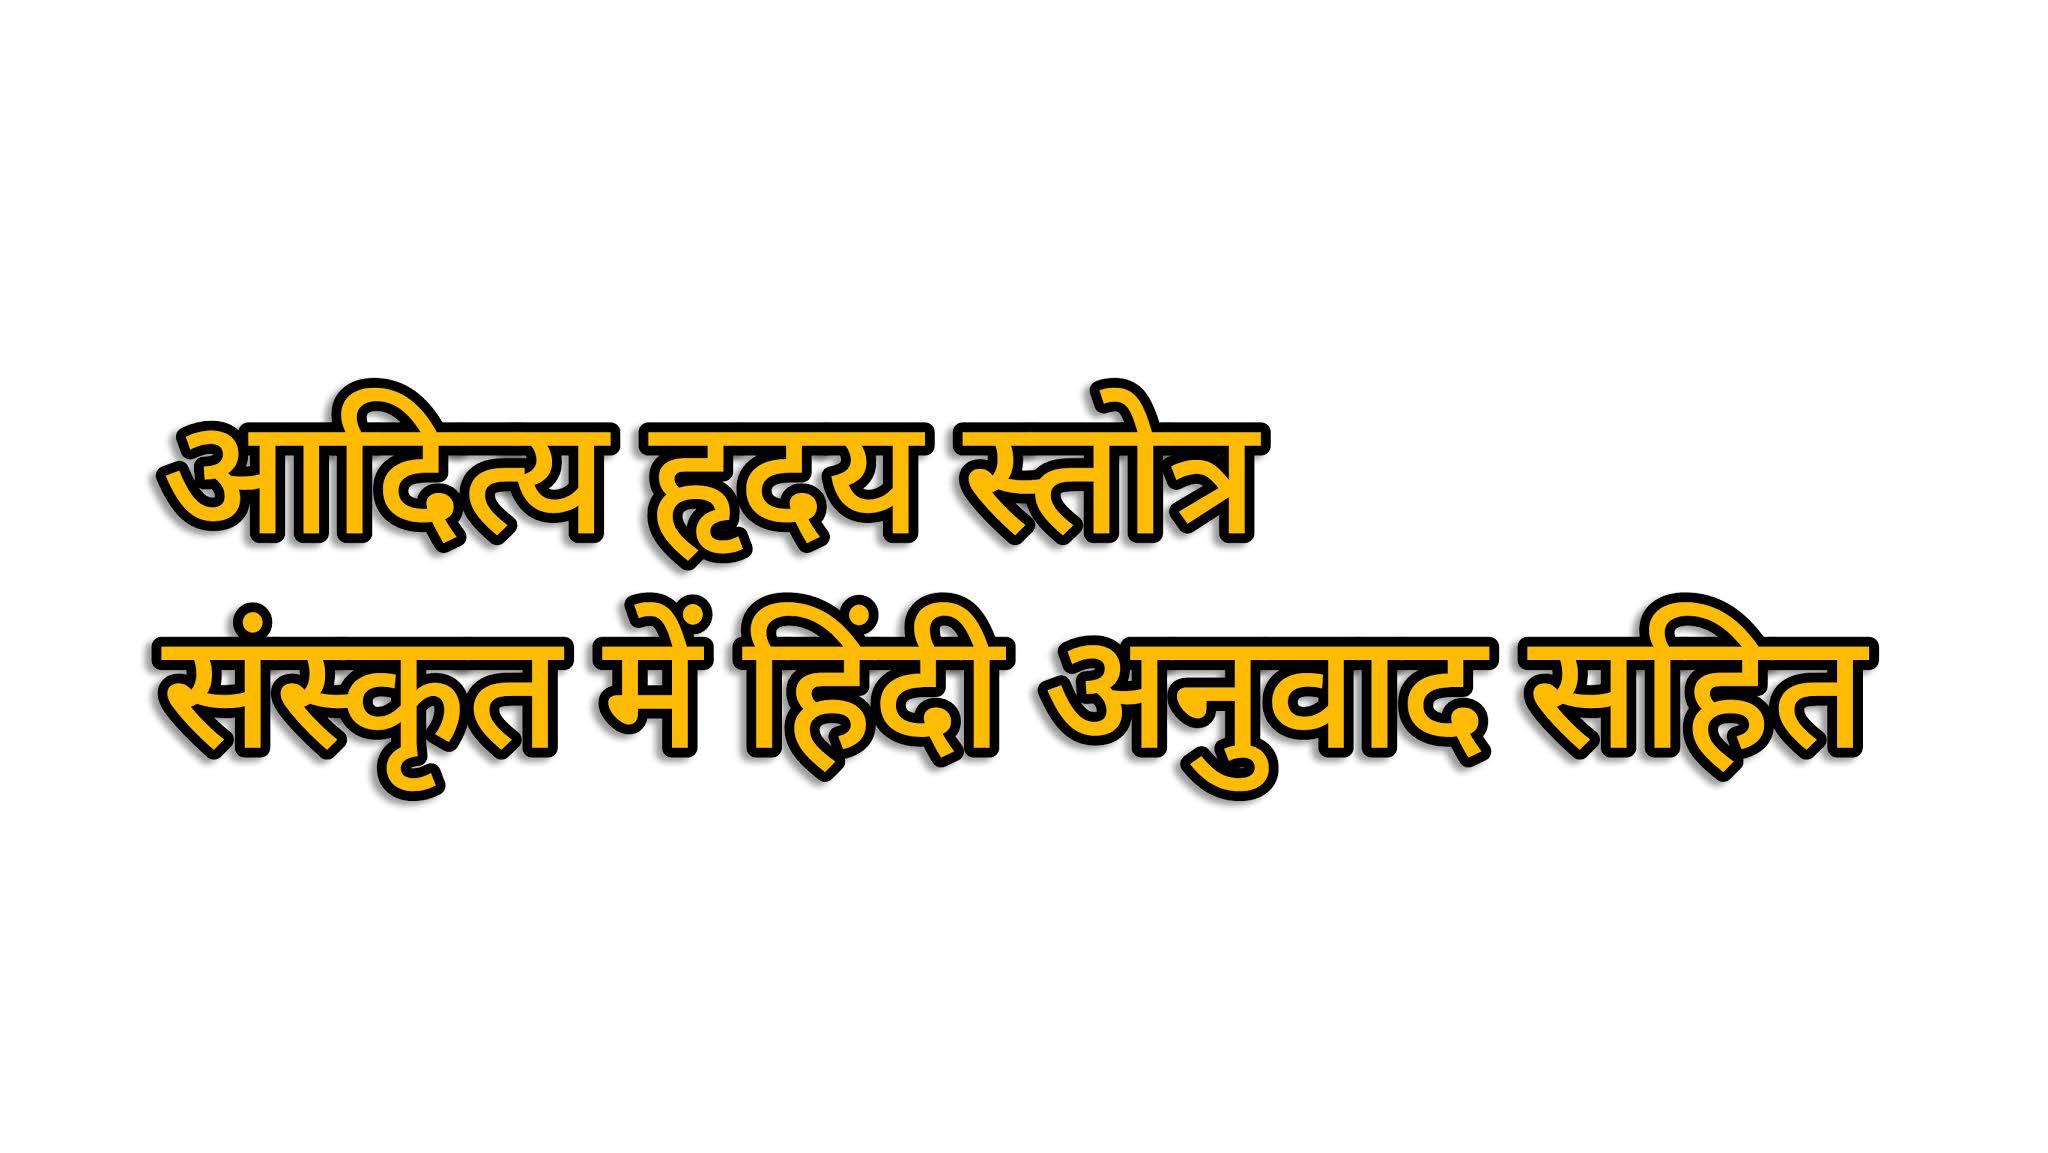 आदित्य हृदय स्तोत्र संस्कृत में हिंदी अनुवाद सहित